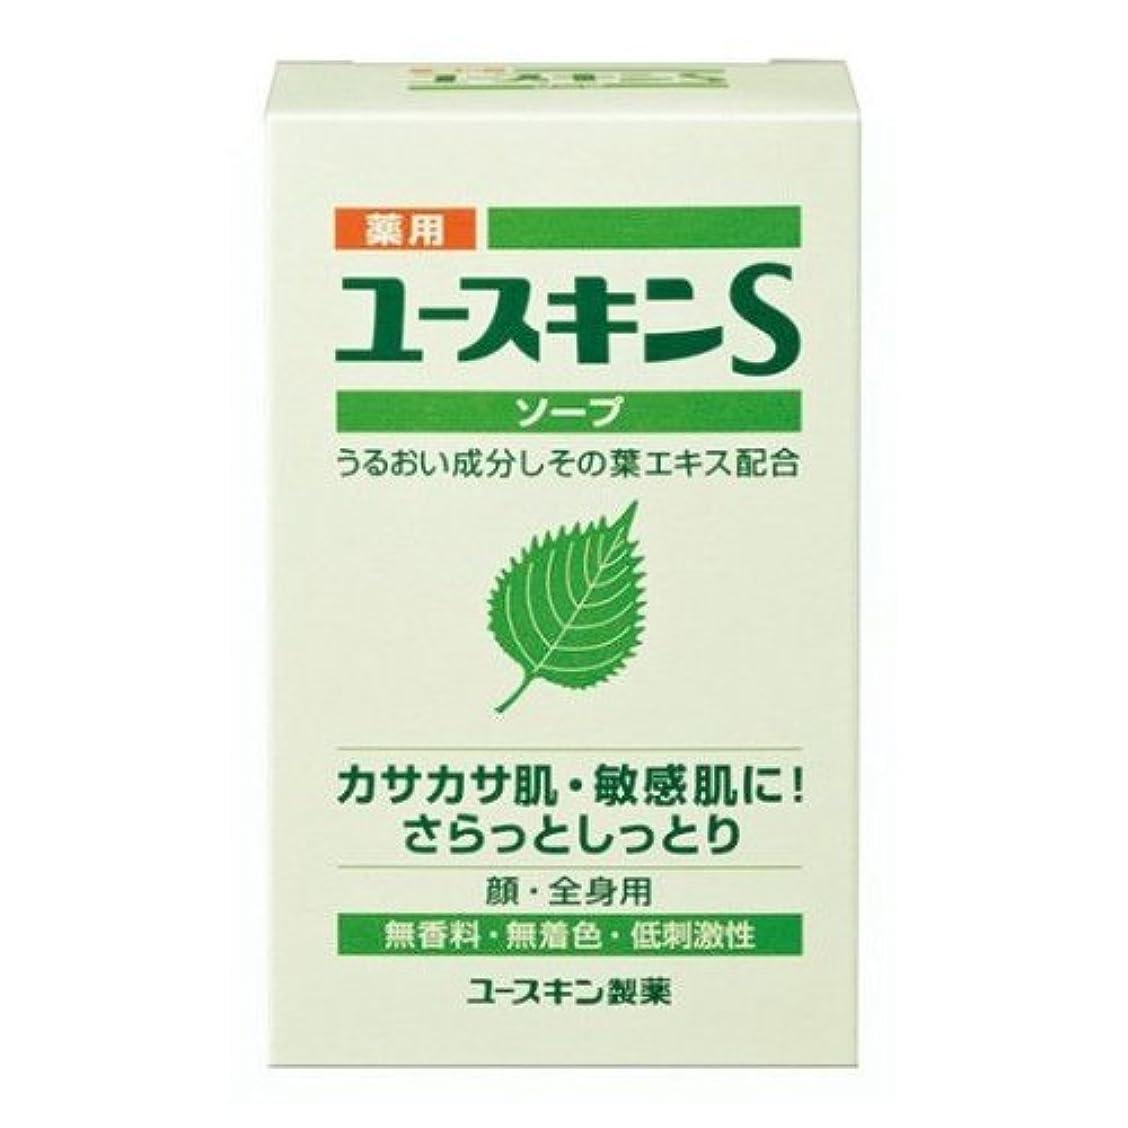 考えるデマンド汚れる薬用ユースキンS ソープ 90g (敏感肌用 透明石鹸) 【医薬部外品】